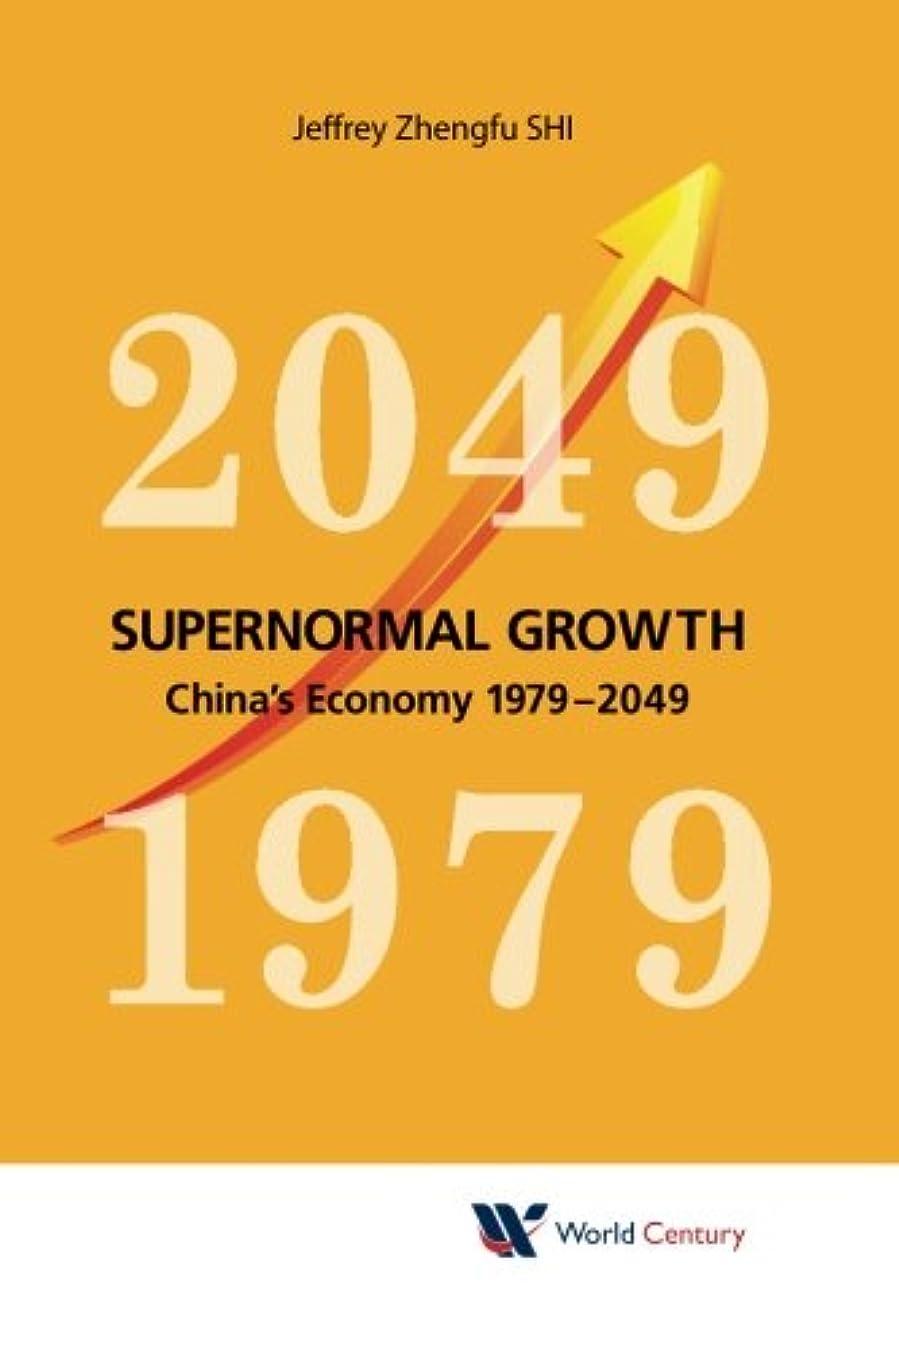 マウントバンクいじめっ子フレームワークSupernormal Growth: China's Economy 1979-2049